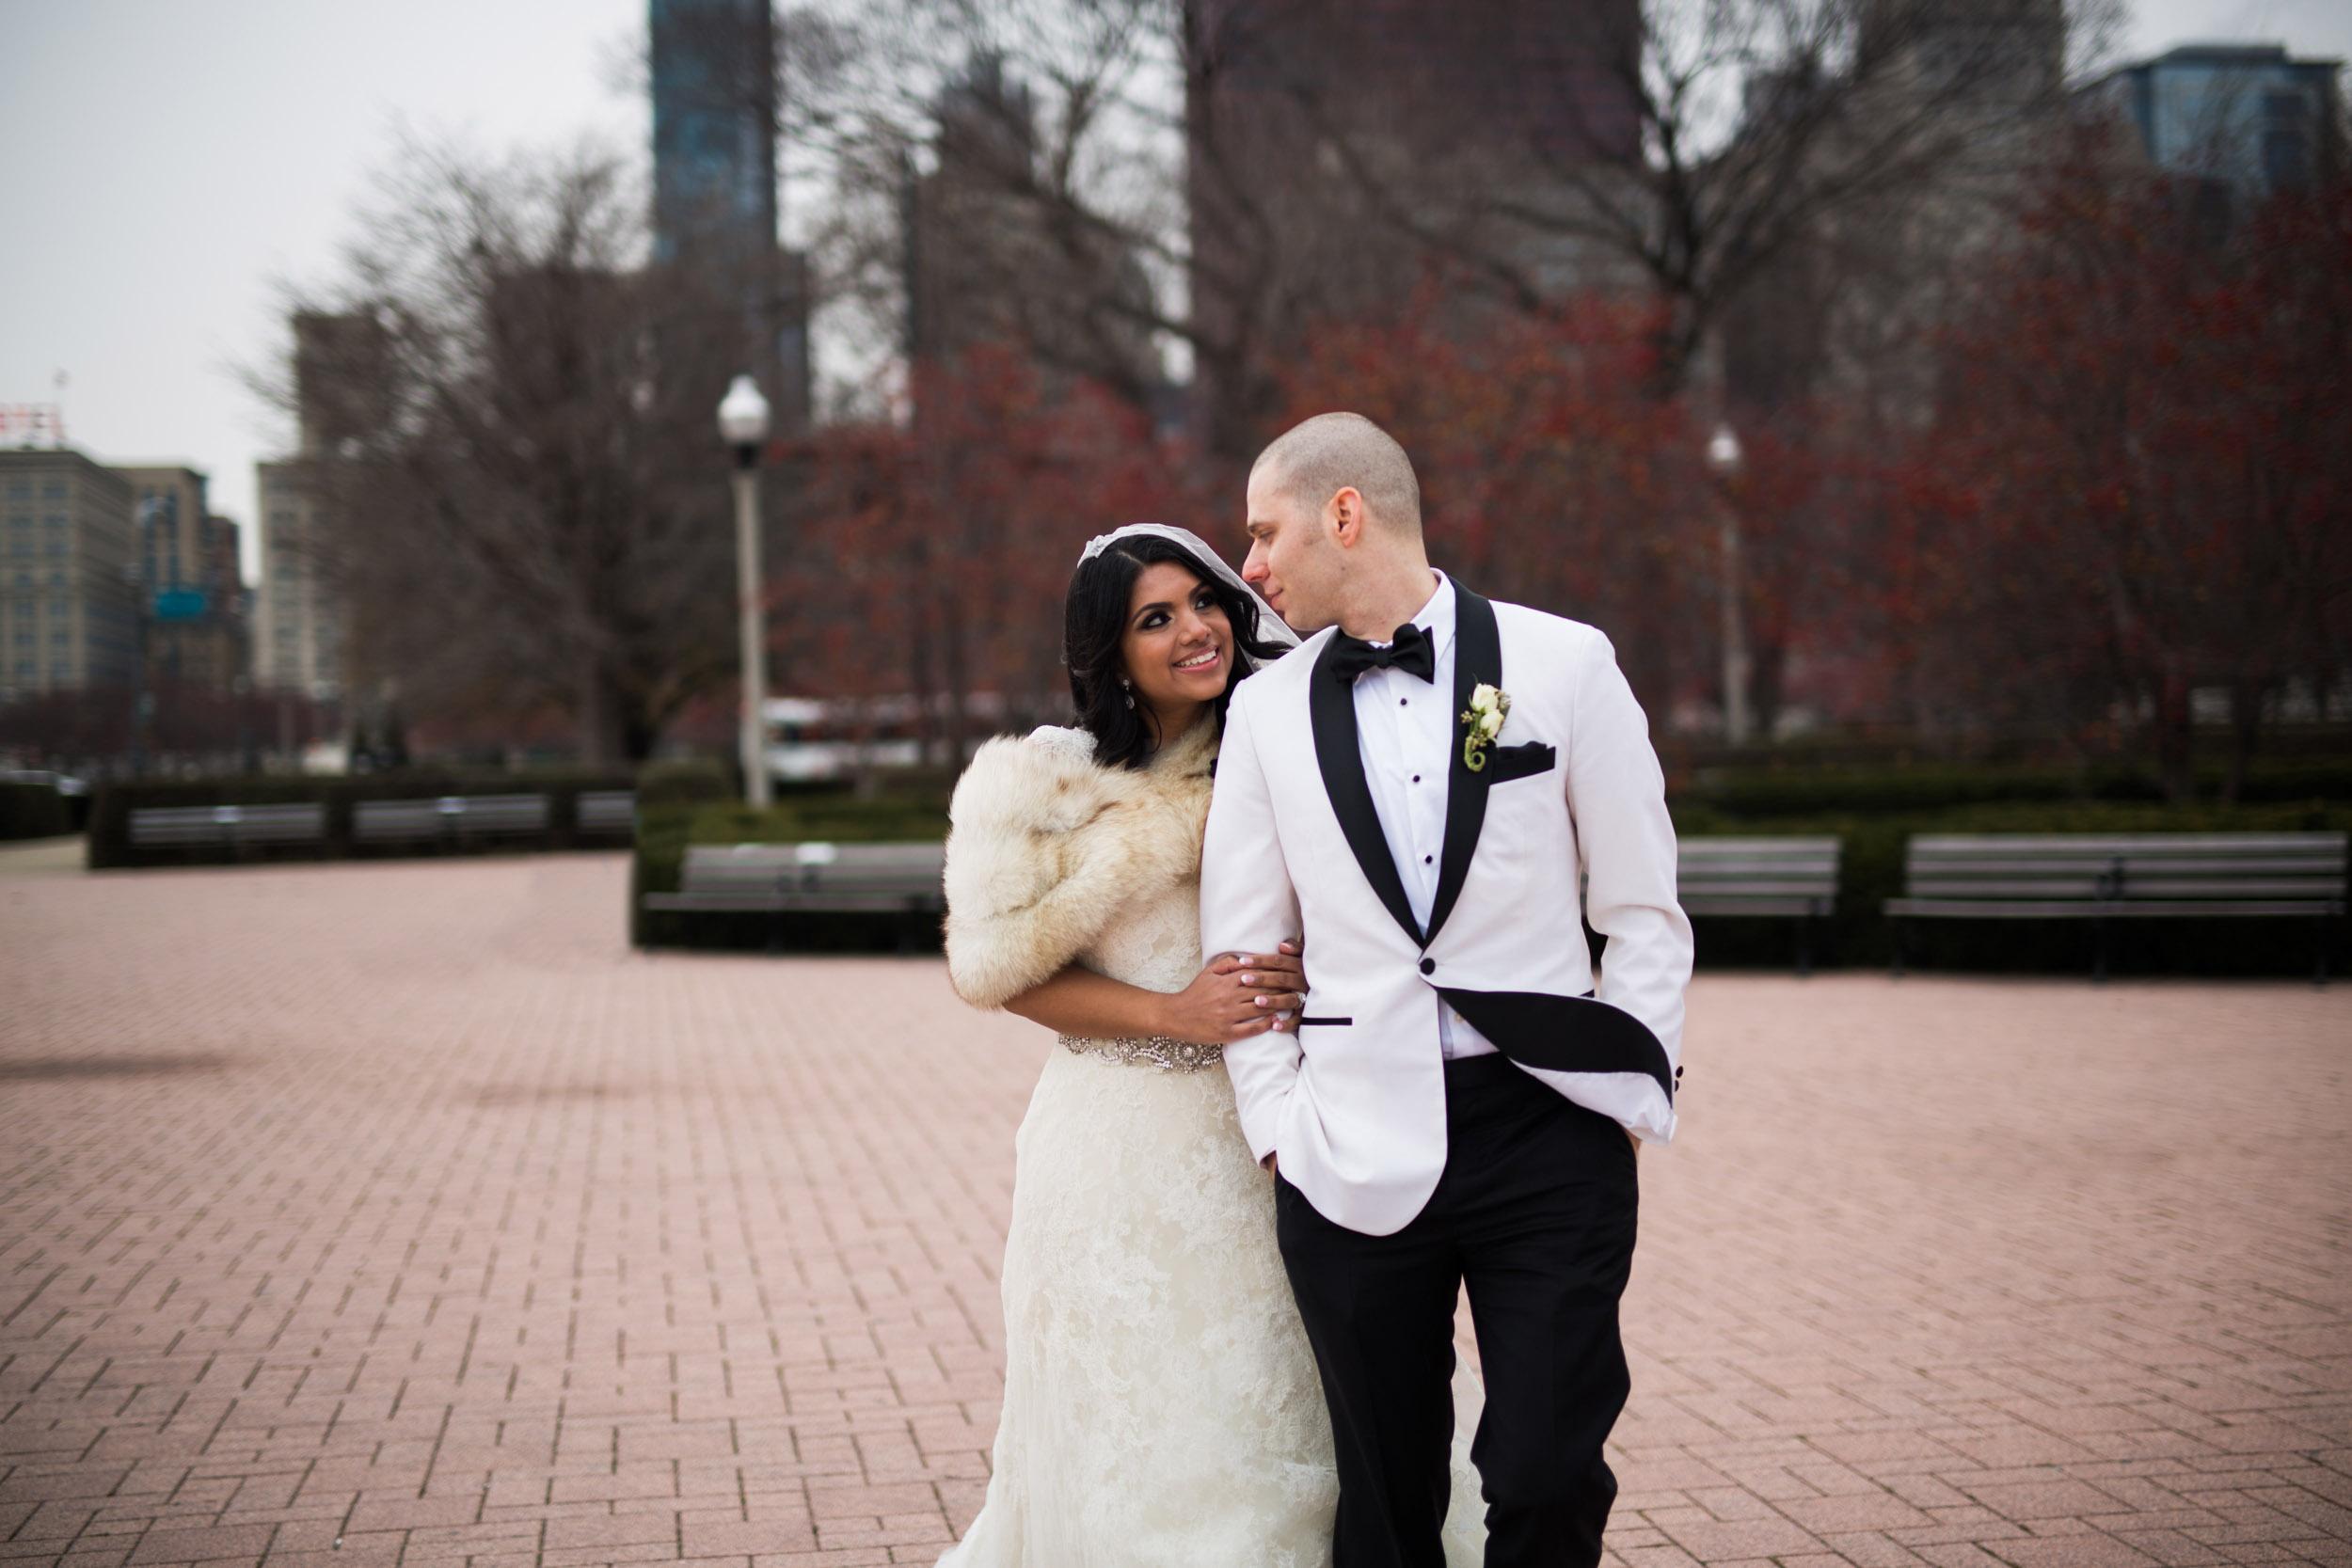 Wedding portraits in Millennium Park Chicago